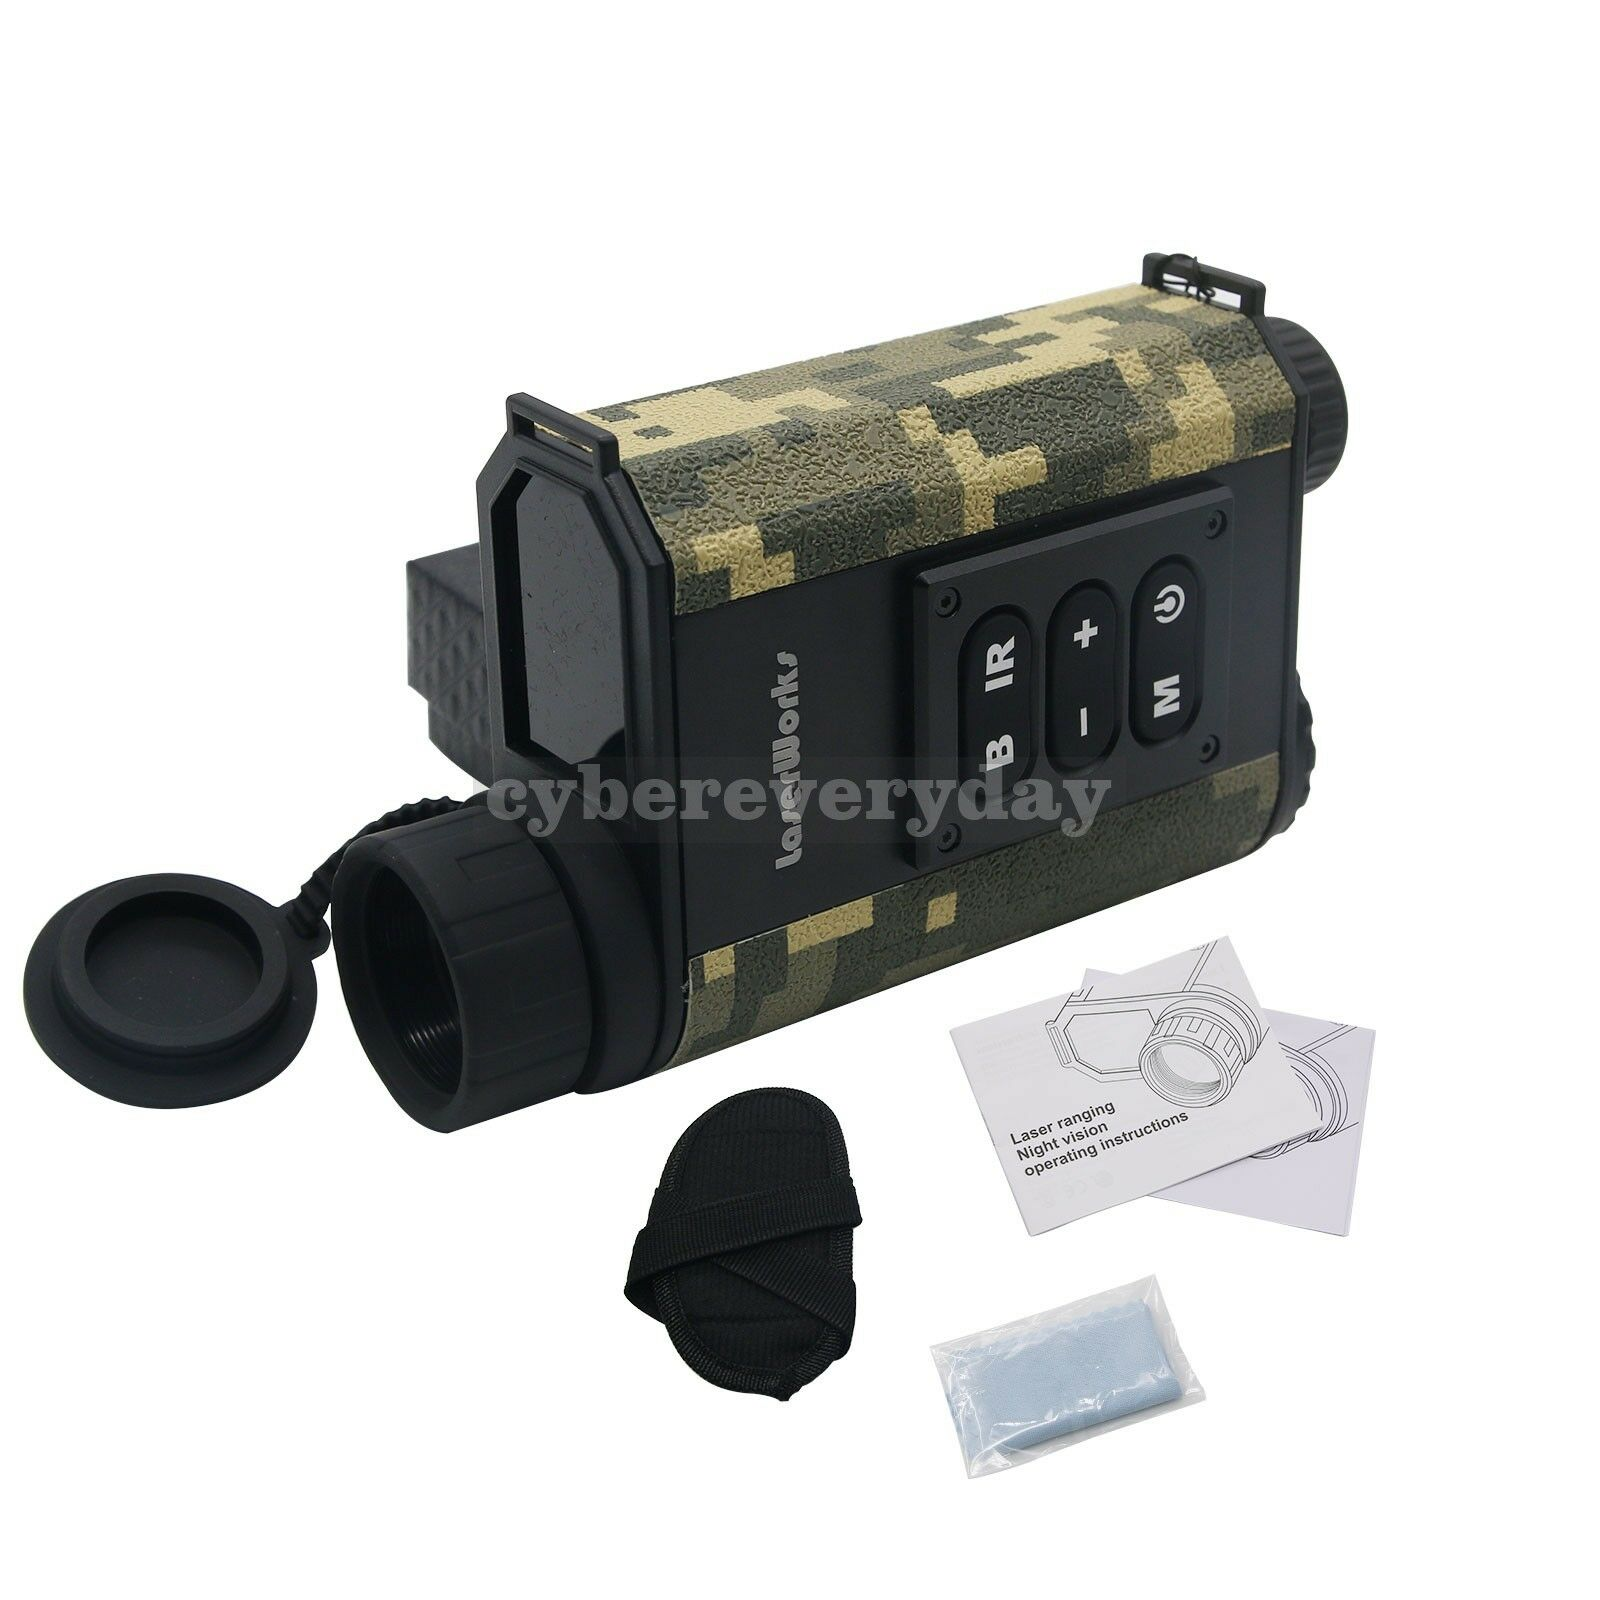 6X Binocular de caza láser telémetro Telescopio digital de visión nocturna IR NV